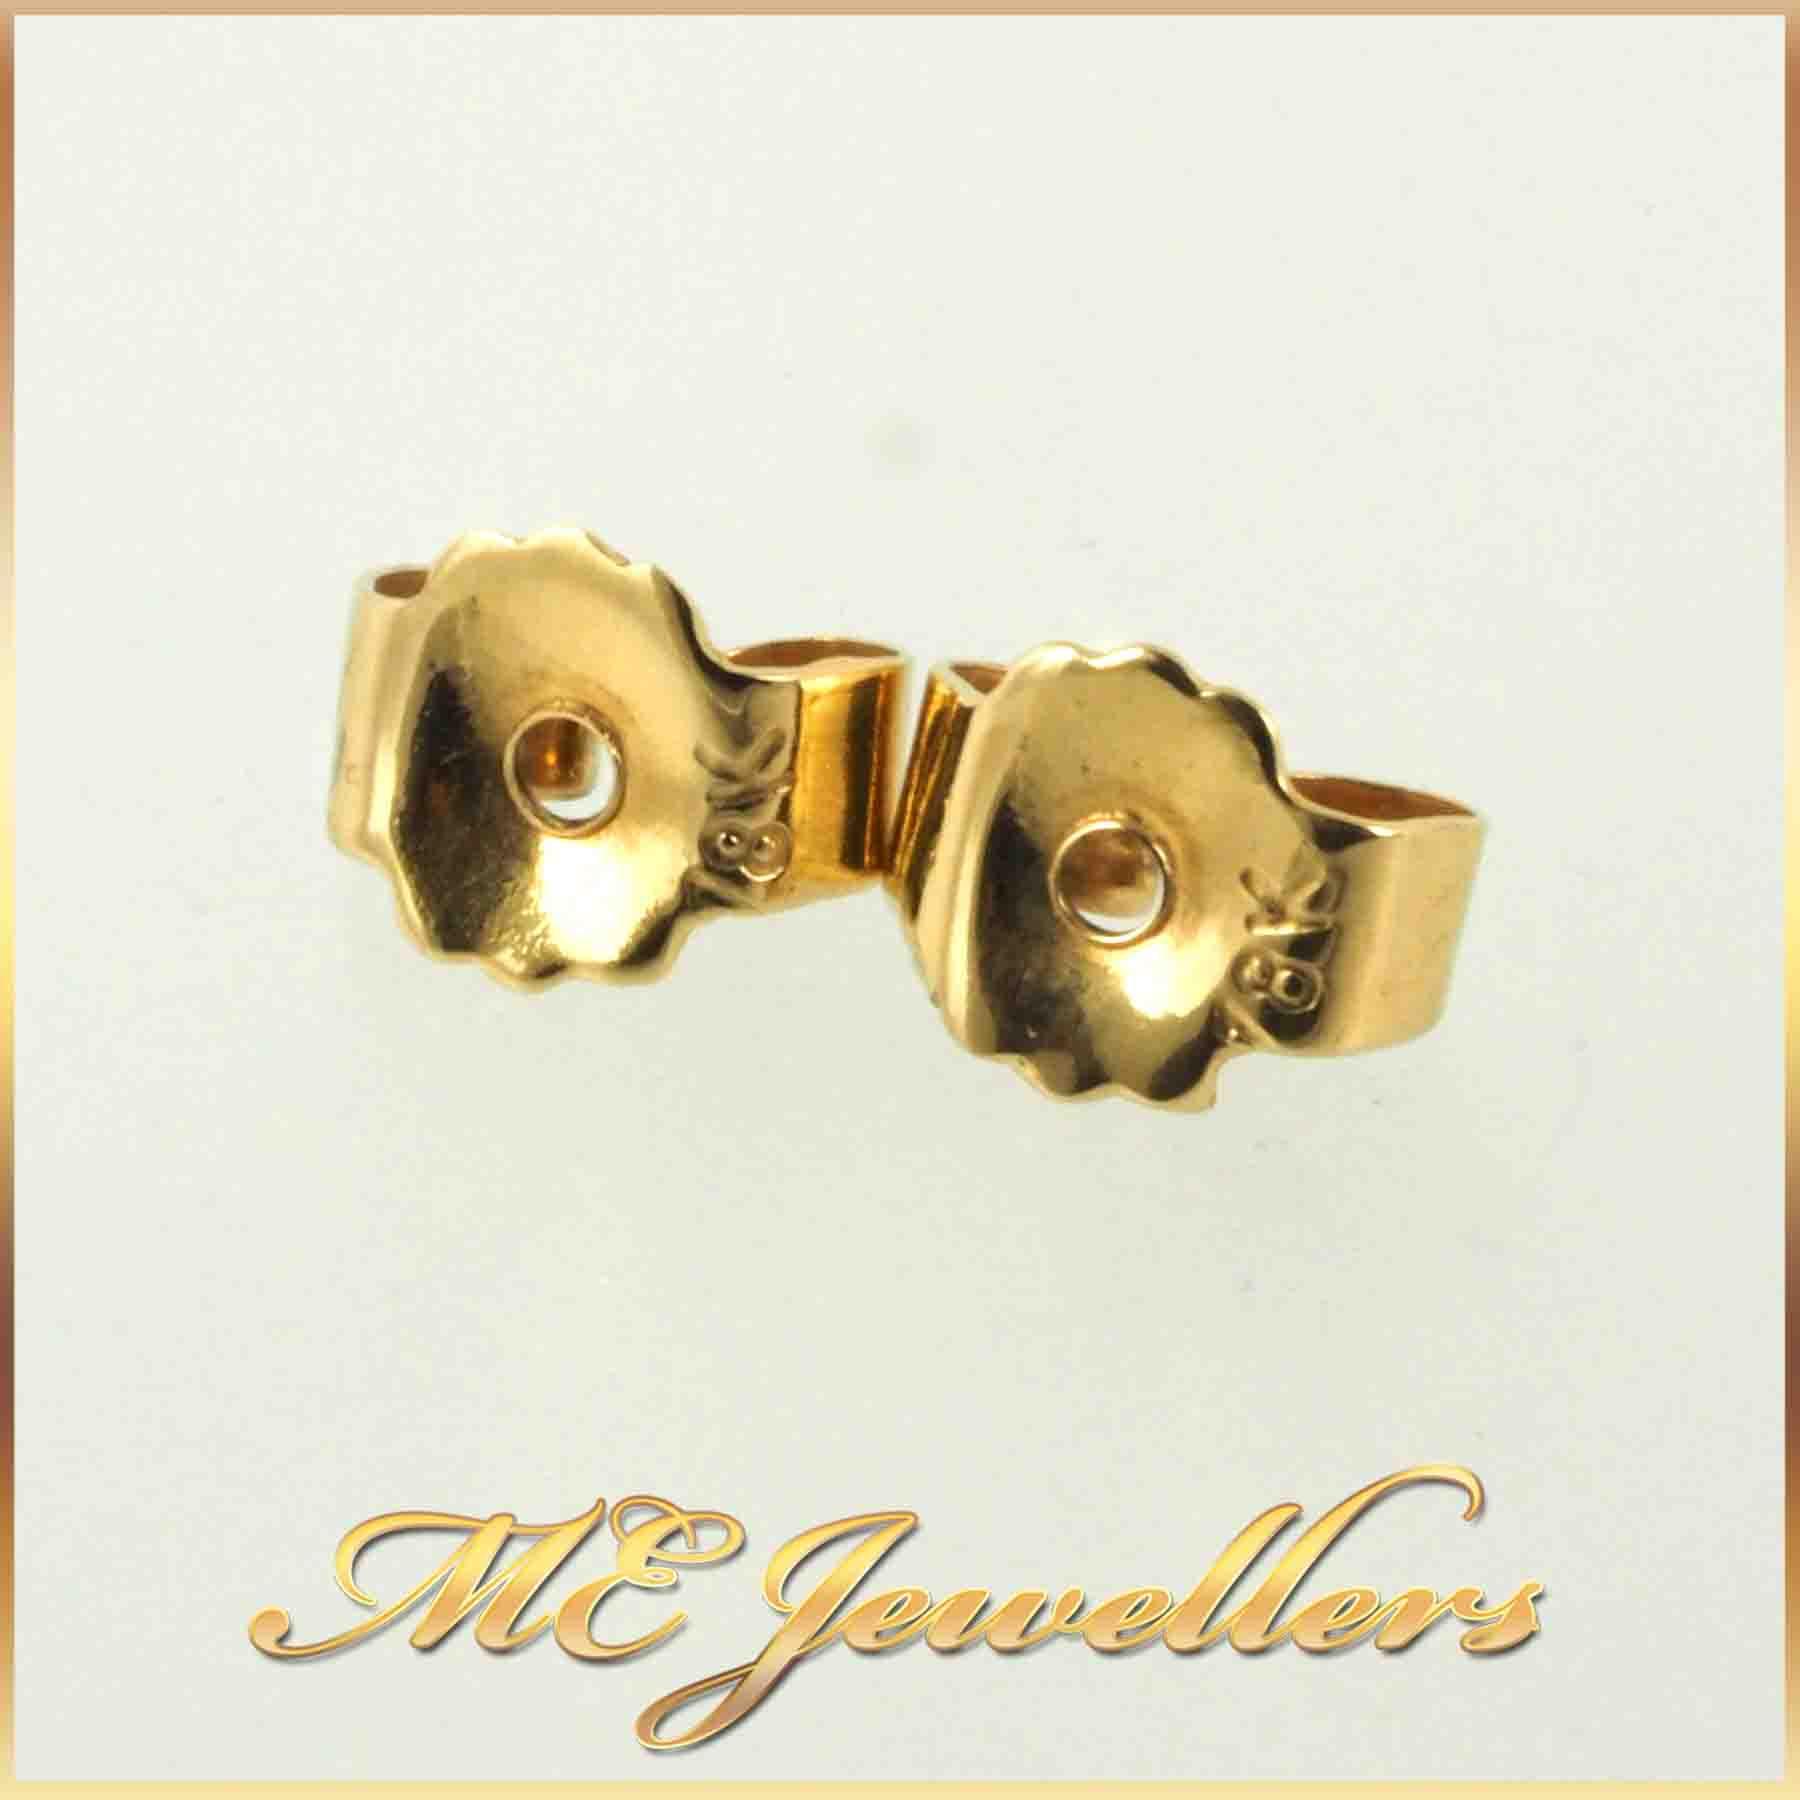 5308-18k-gold-diamond-stud-earrings-5